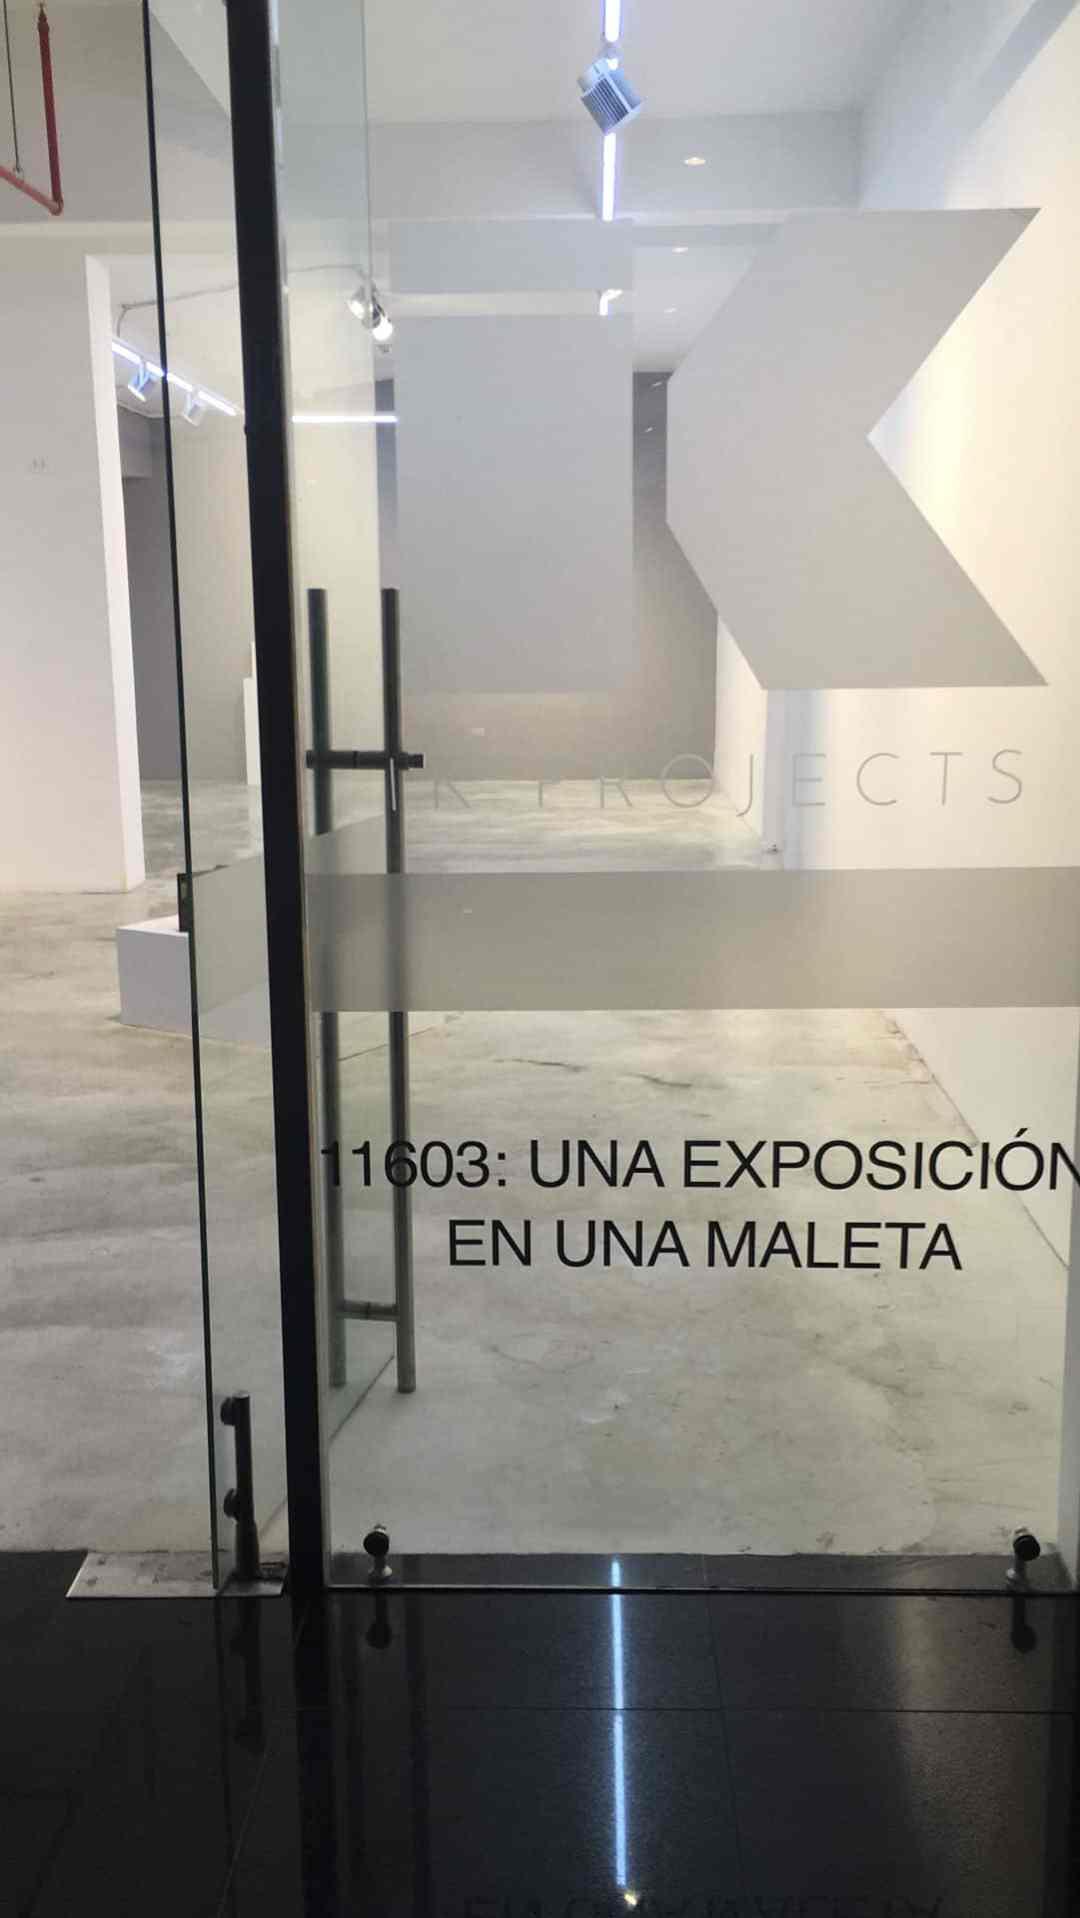 11603: Una Exposición en una Maleta, exhibition view